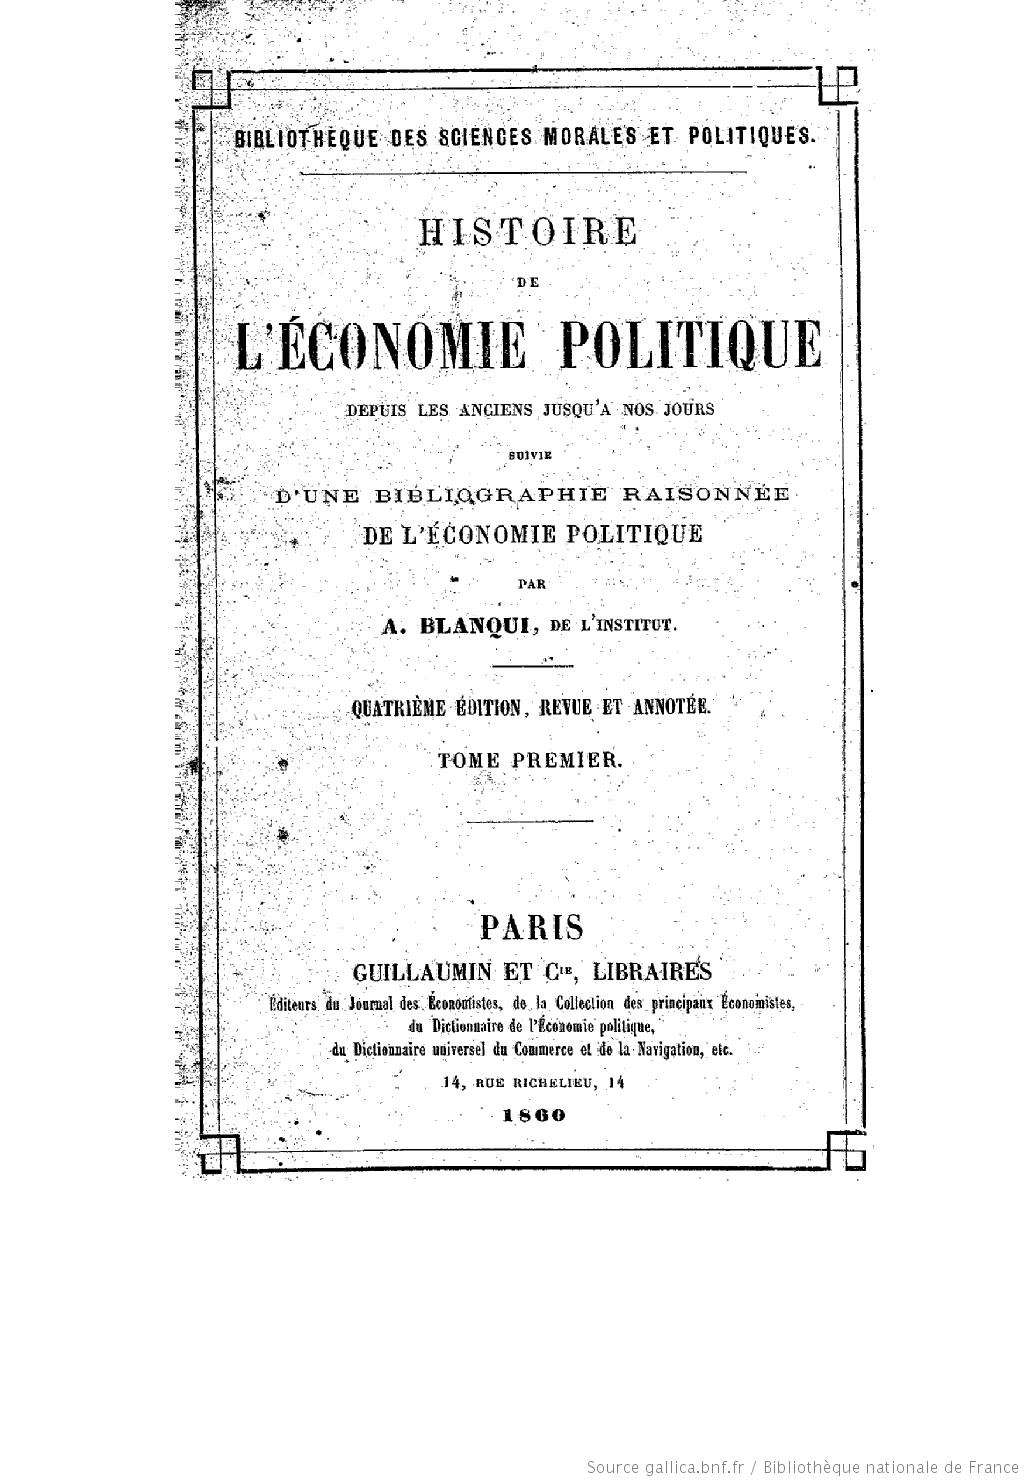 Blanqui: Histoire de l'économie politique